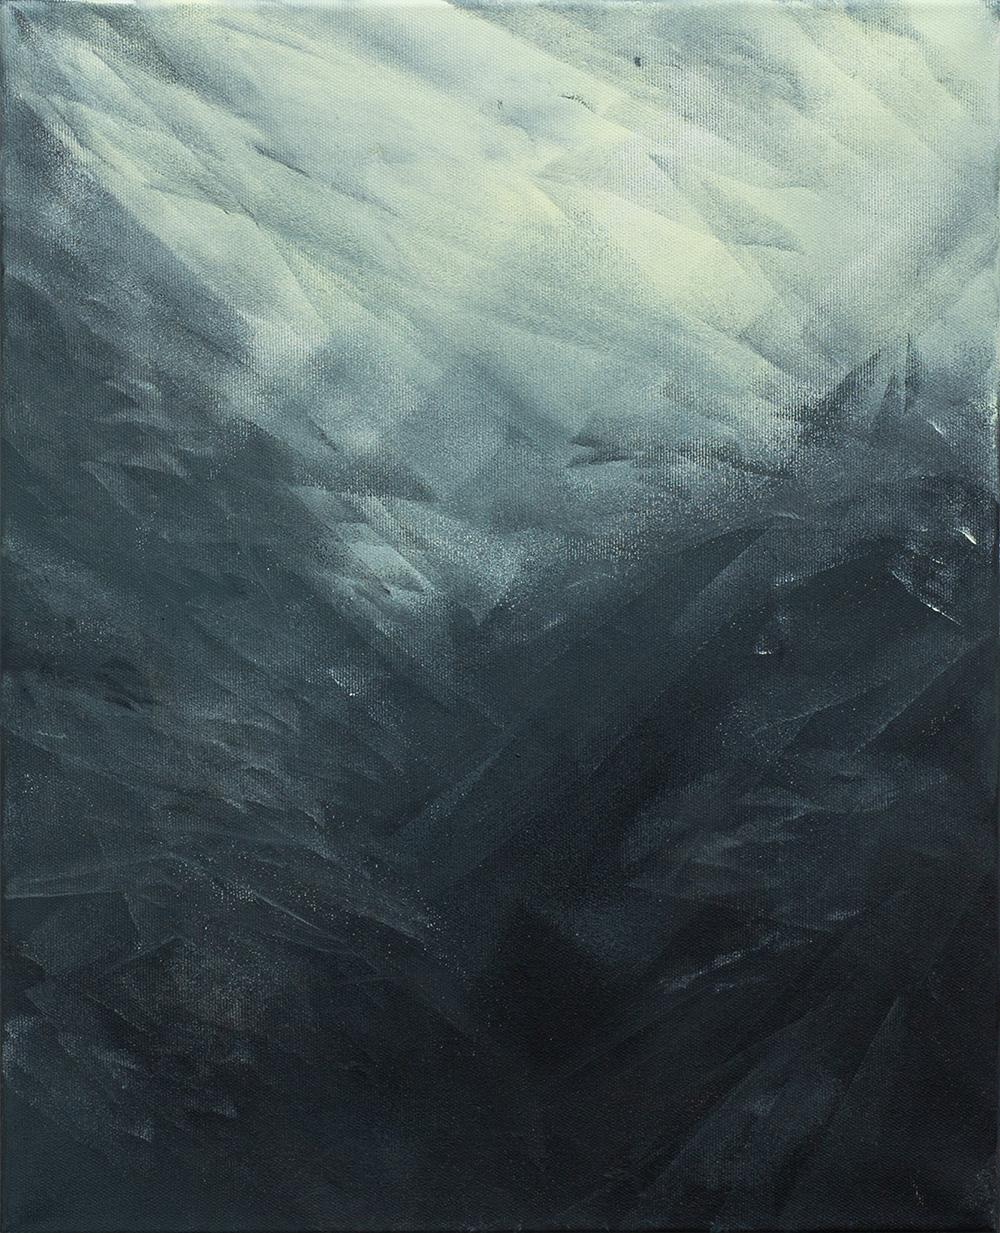 David Stegmann | O.T. – 2020, 50 x 40 cm, Acryl, Acryllack auf Leinwand